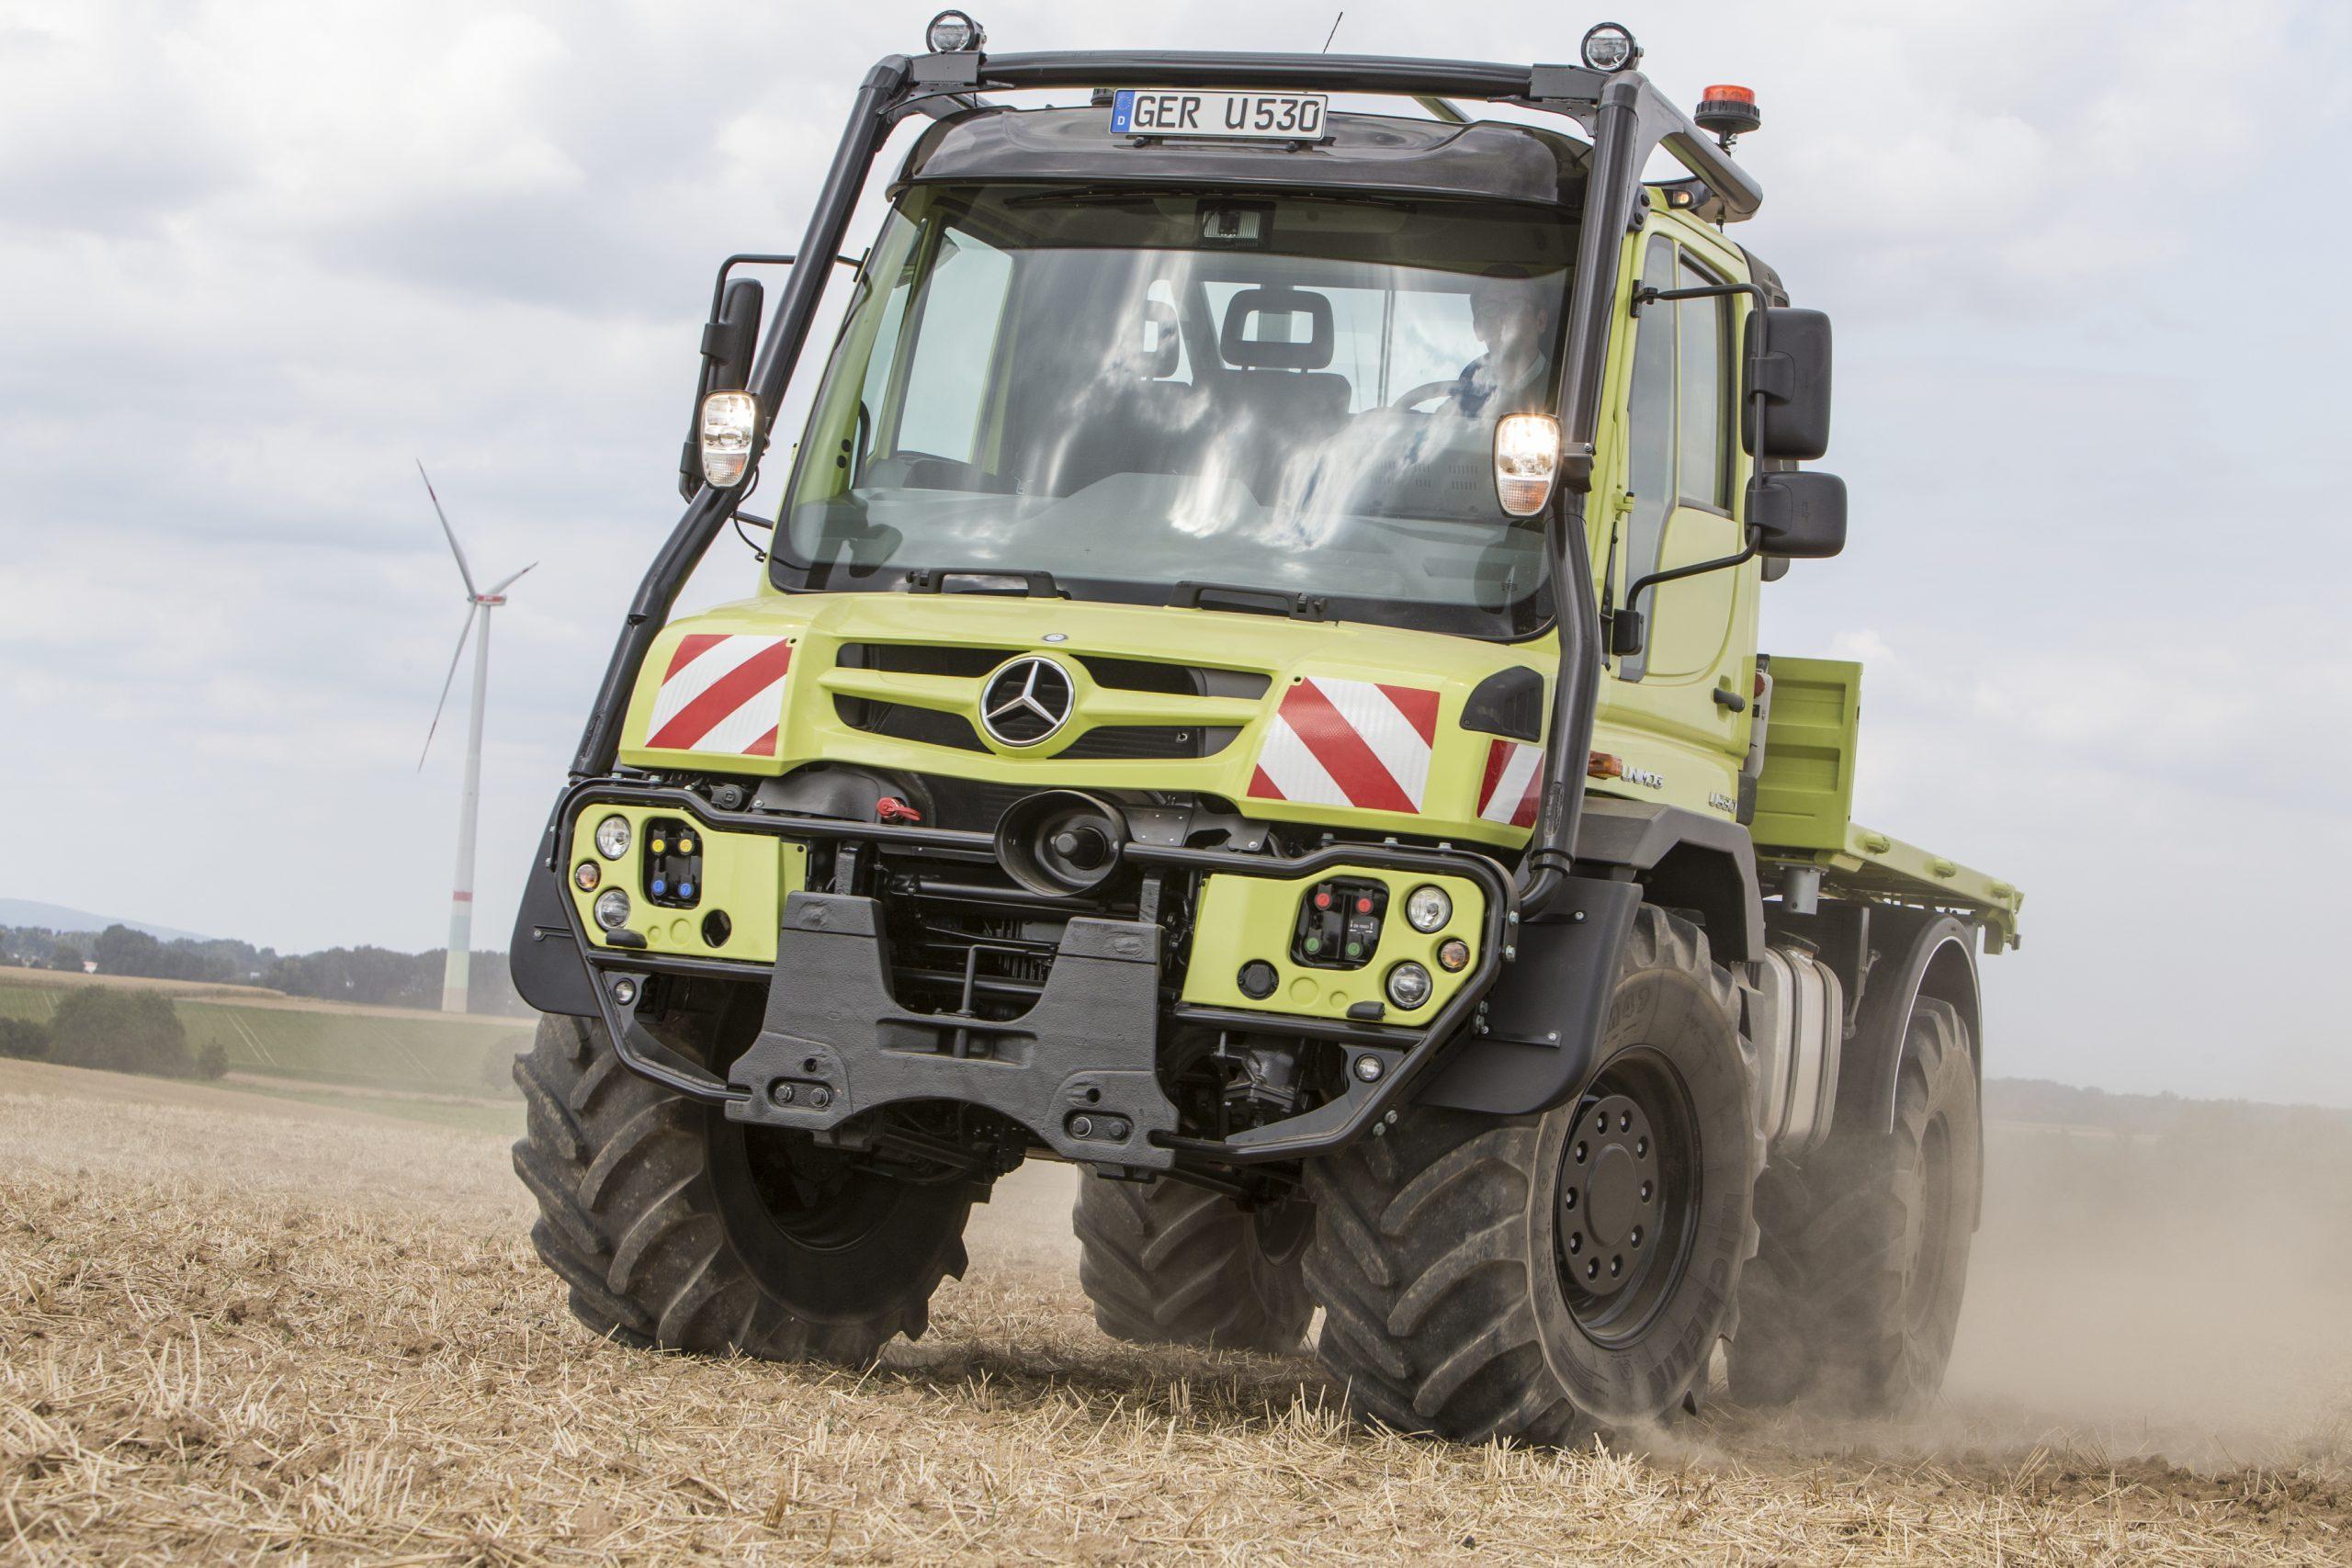 U 530; Landwirtschaft, Traktorkäfig, Agrarheck, IAA 2018